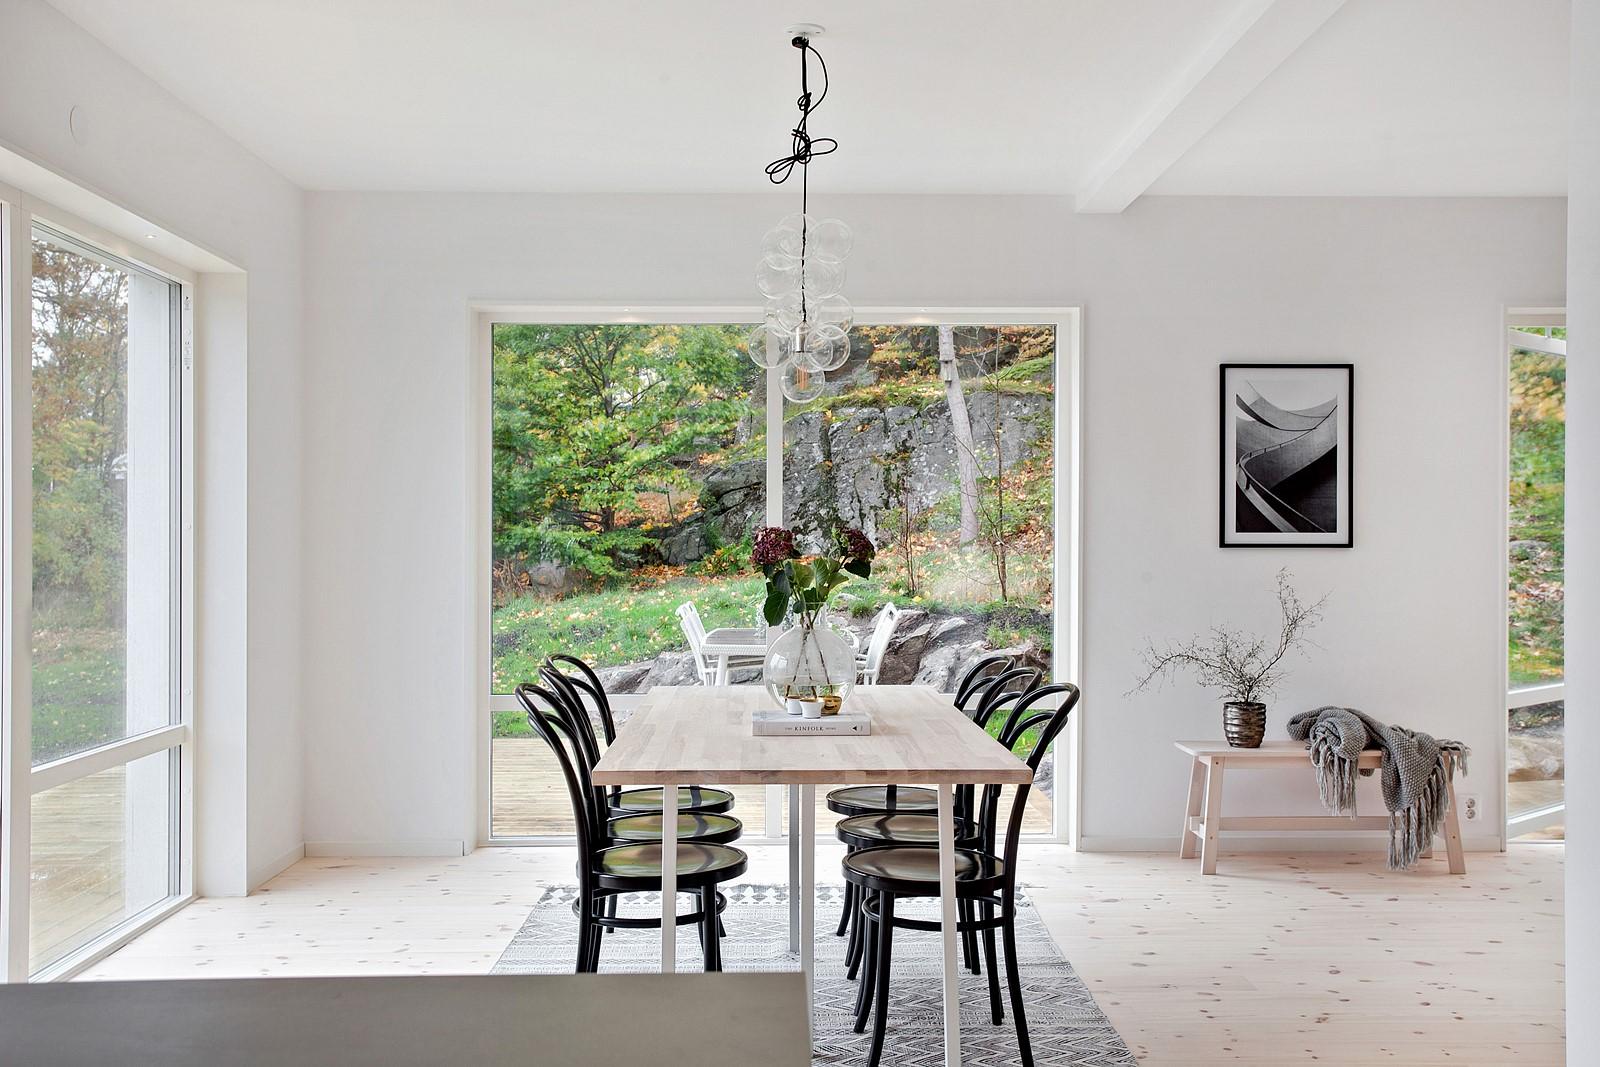 Matplats med bort och stolar för 6 personer.På bordet finns en bukett med blommor.